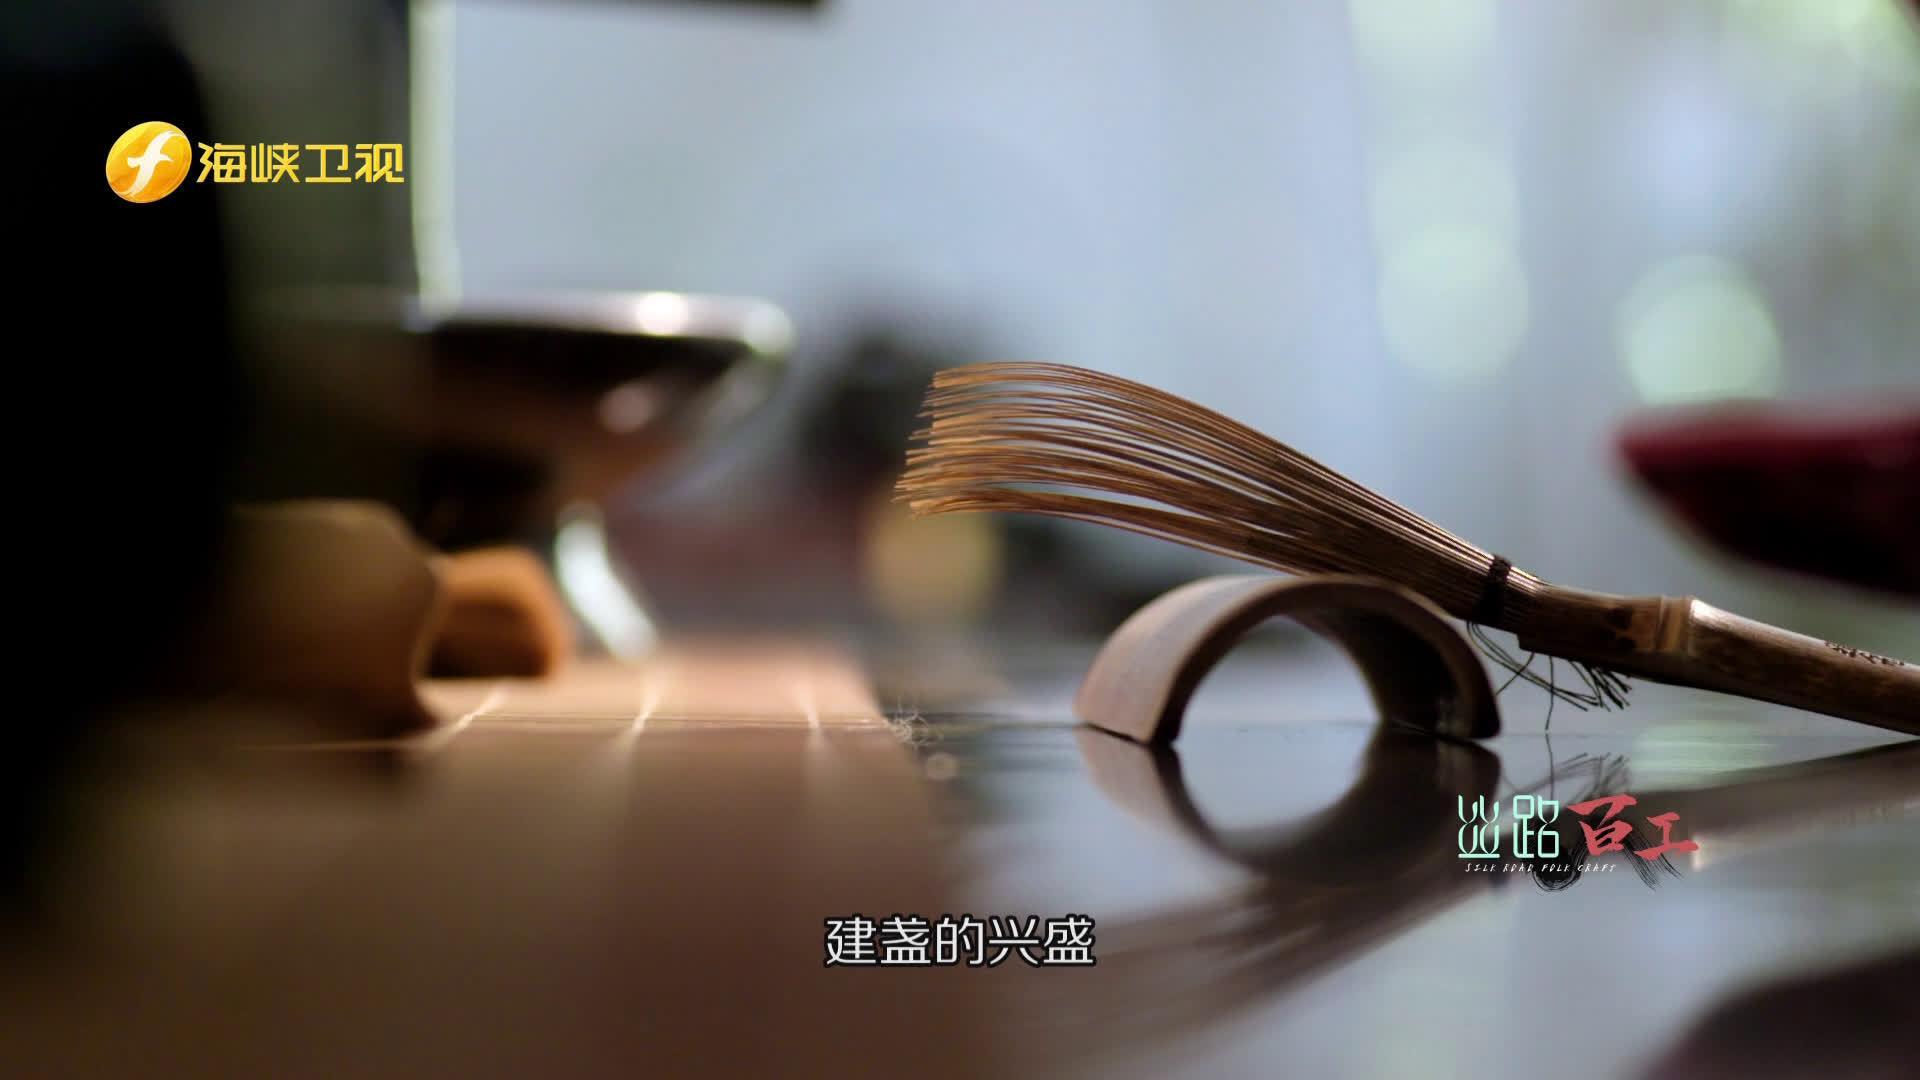 建盏的兴盛与宋人盛行的喝茶方式有关